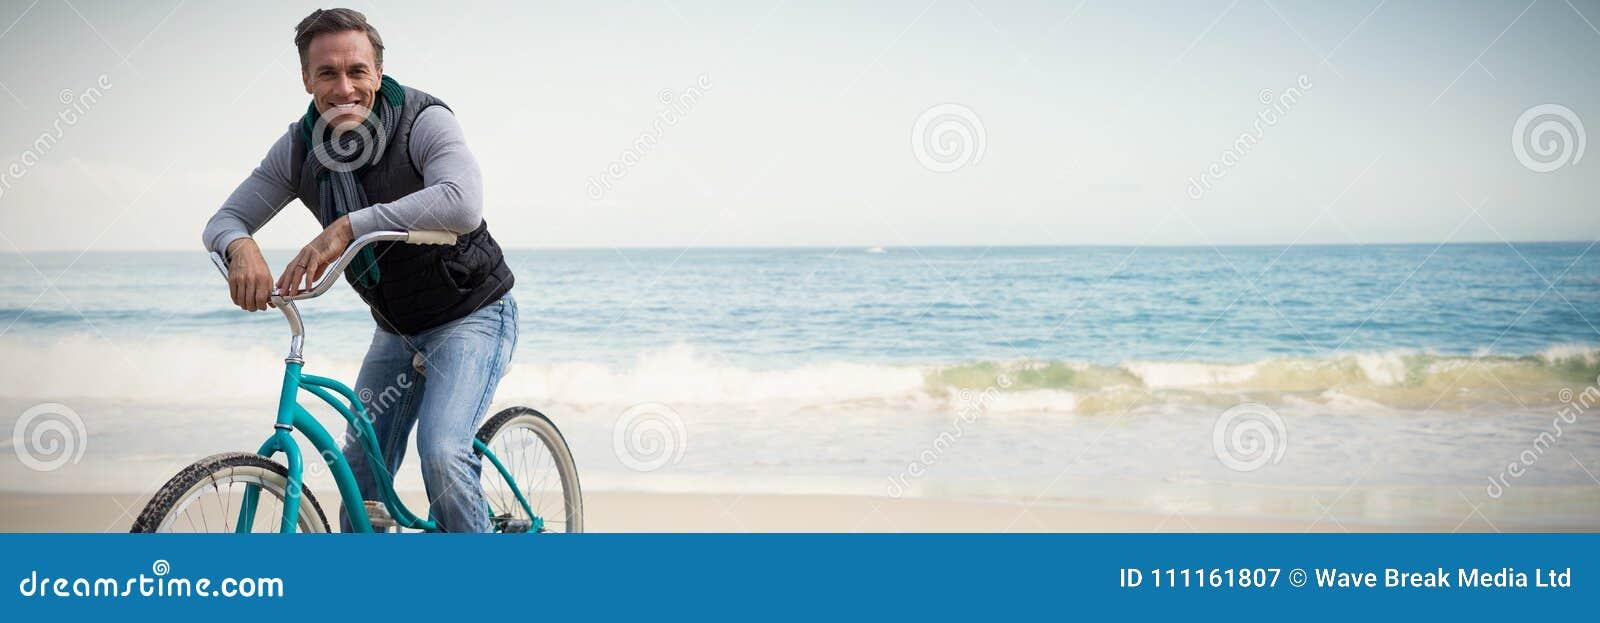 Zusammengesetztes Bild der digitalen Zusammensetzung des gutaussehenden Mannes auf einer Fahrradfahrt